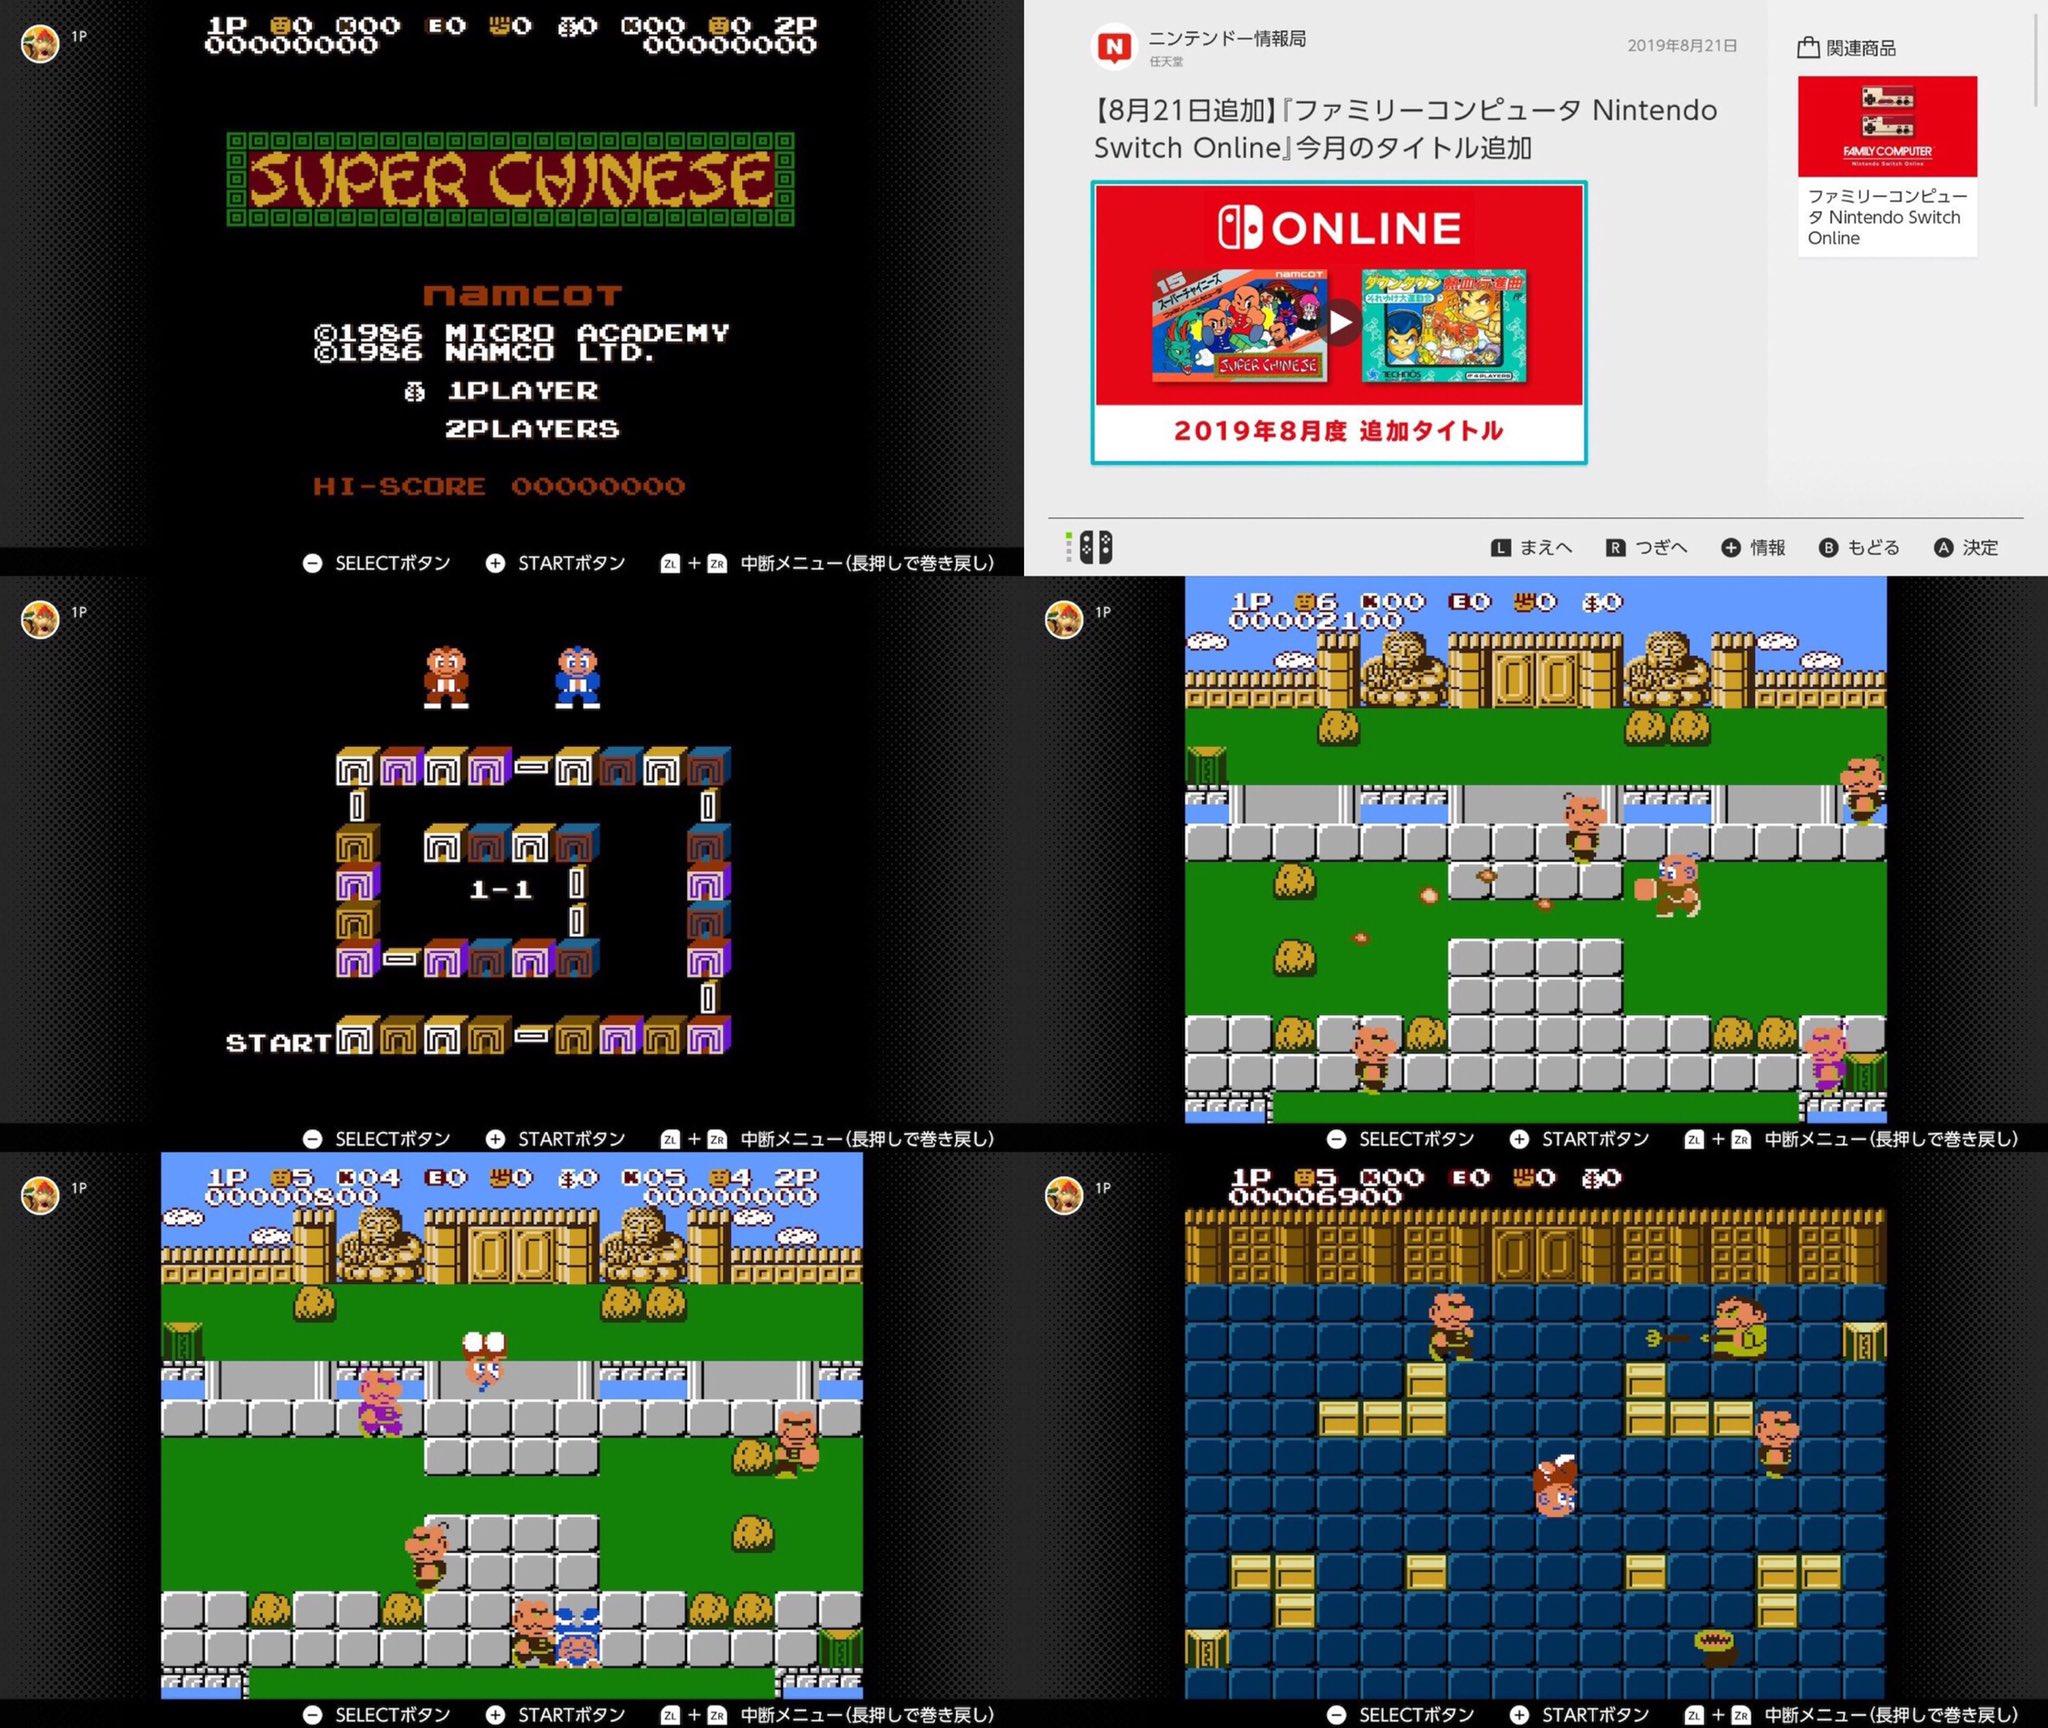 スーパーチャイニーズがファミリーコンピュータ Nintendo Switch Online に追加されてた。 #NintendoSwitch https://t.co/qzO5bTOhAn